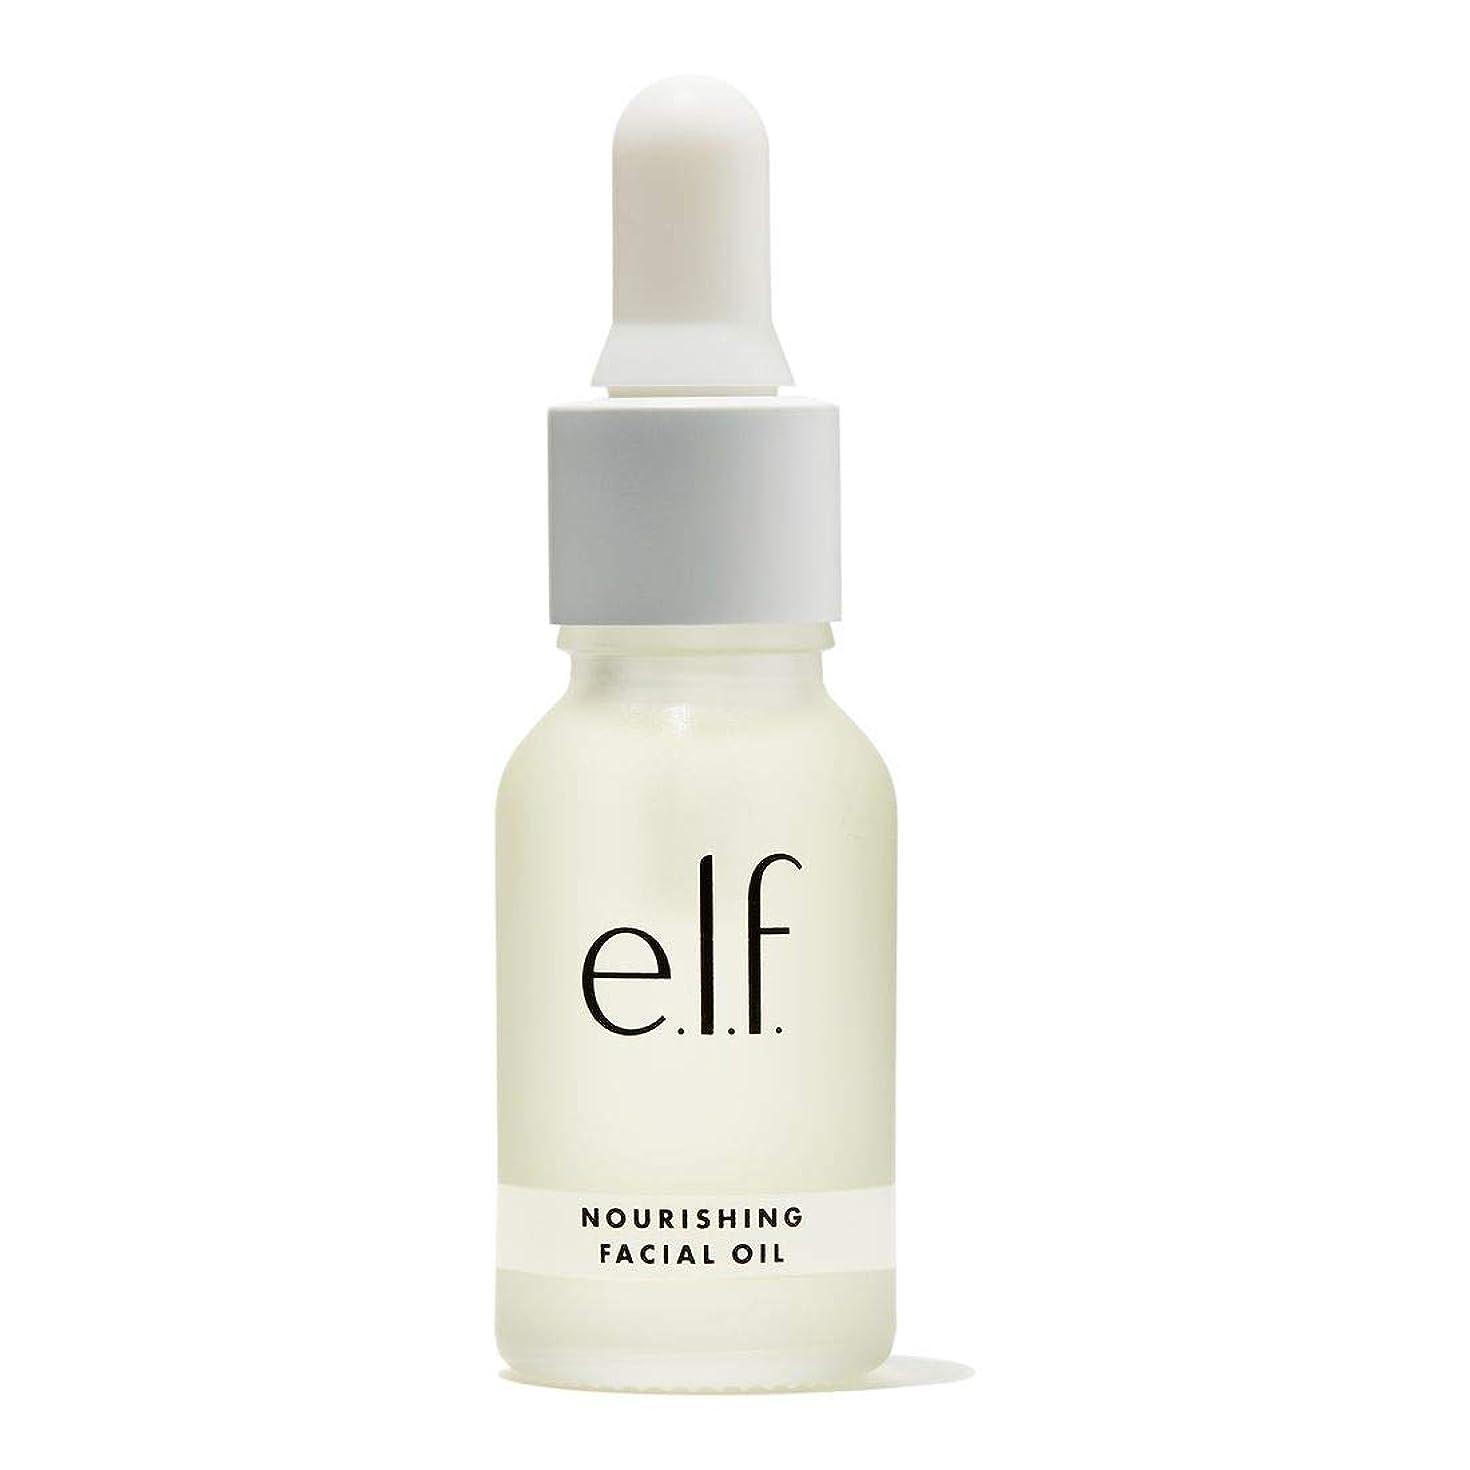 変形するフリース腹部(6 Pack) e.l.f. Nourishing Facial Oil (並行輸入品)